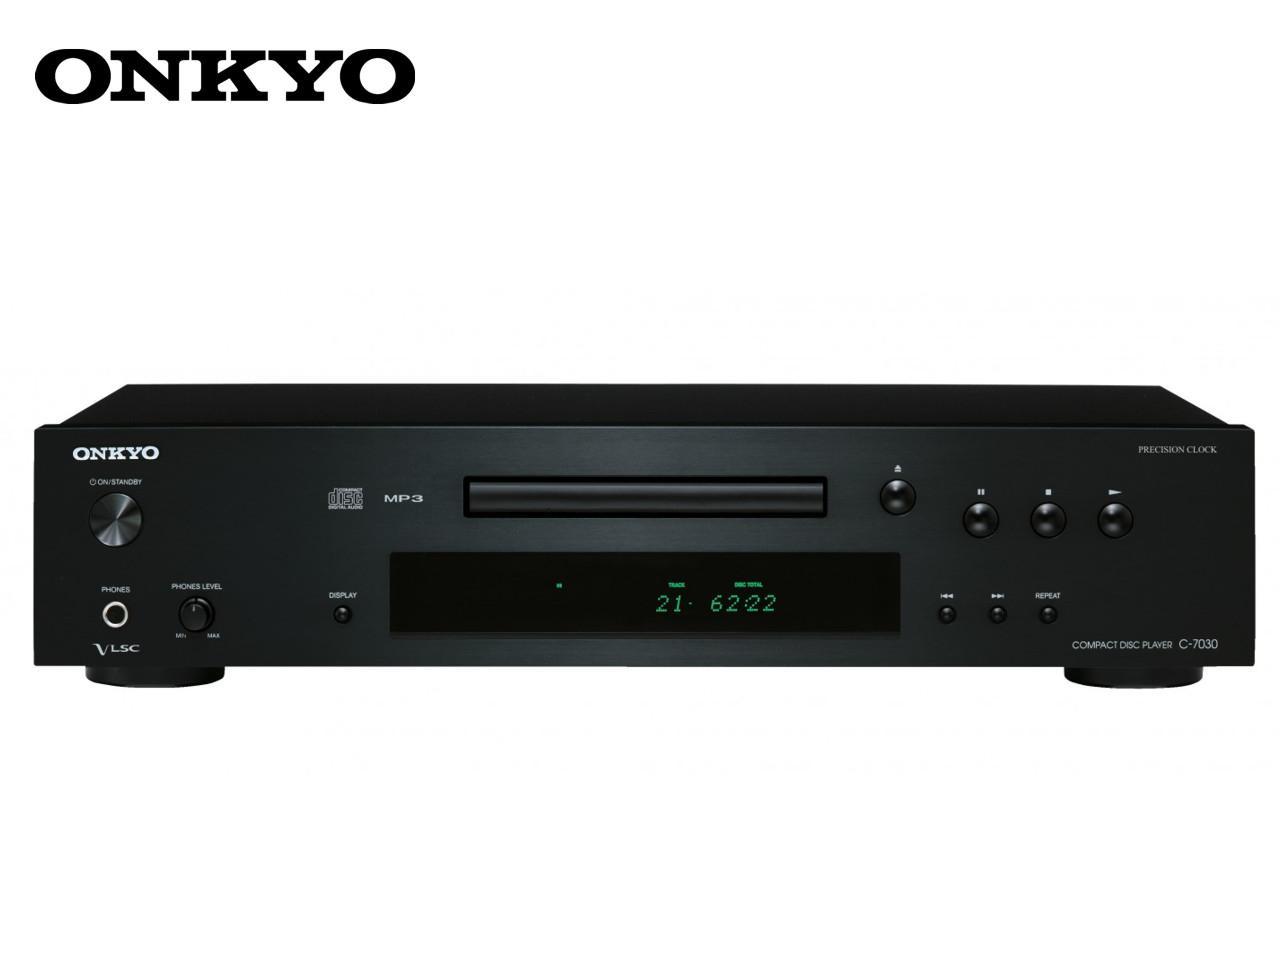 ONKYO C-7030 B